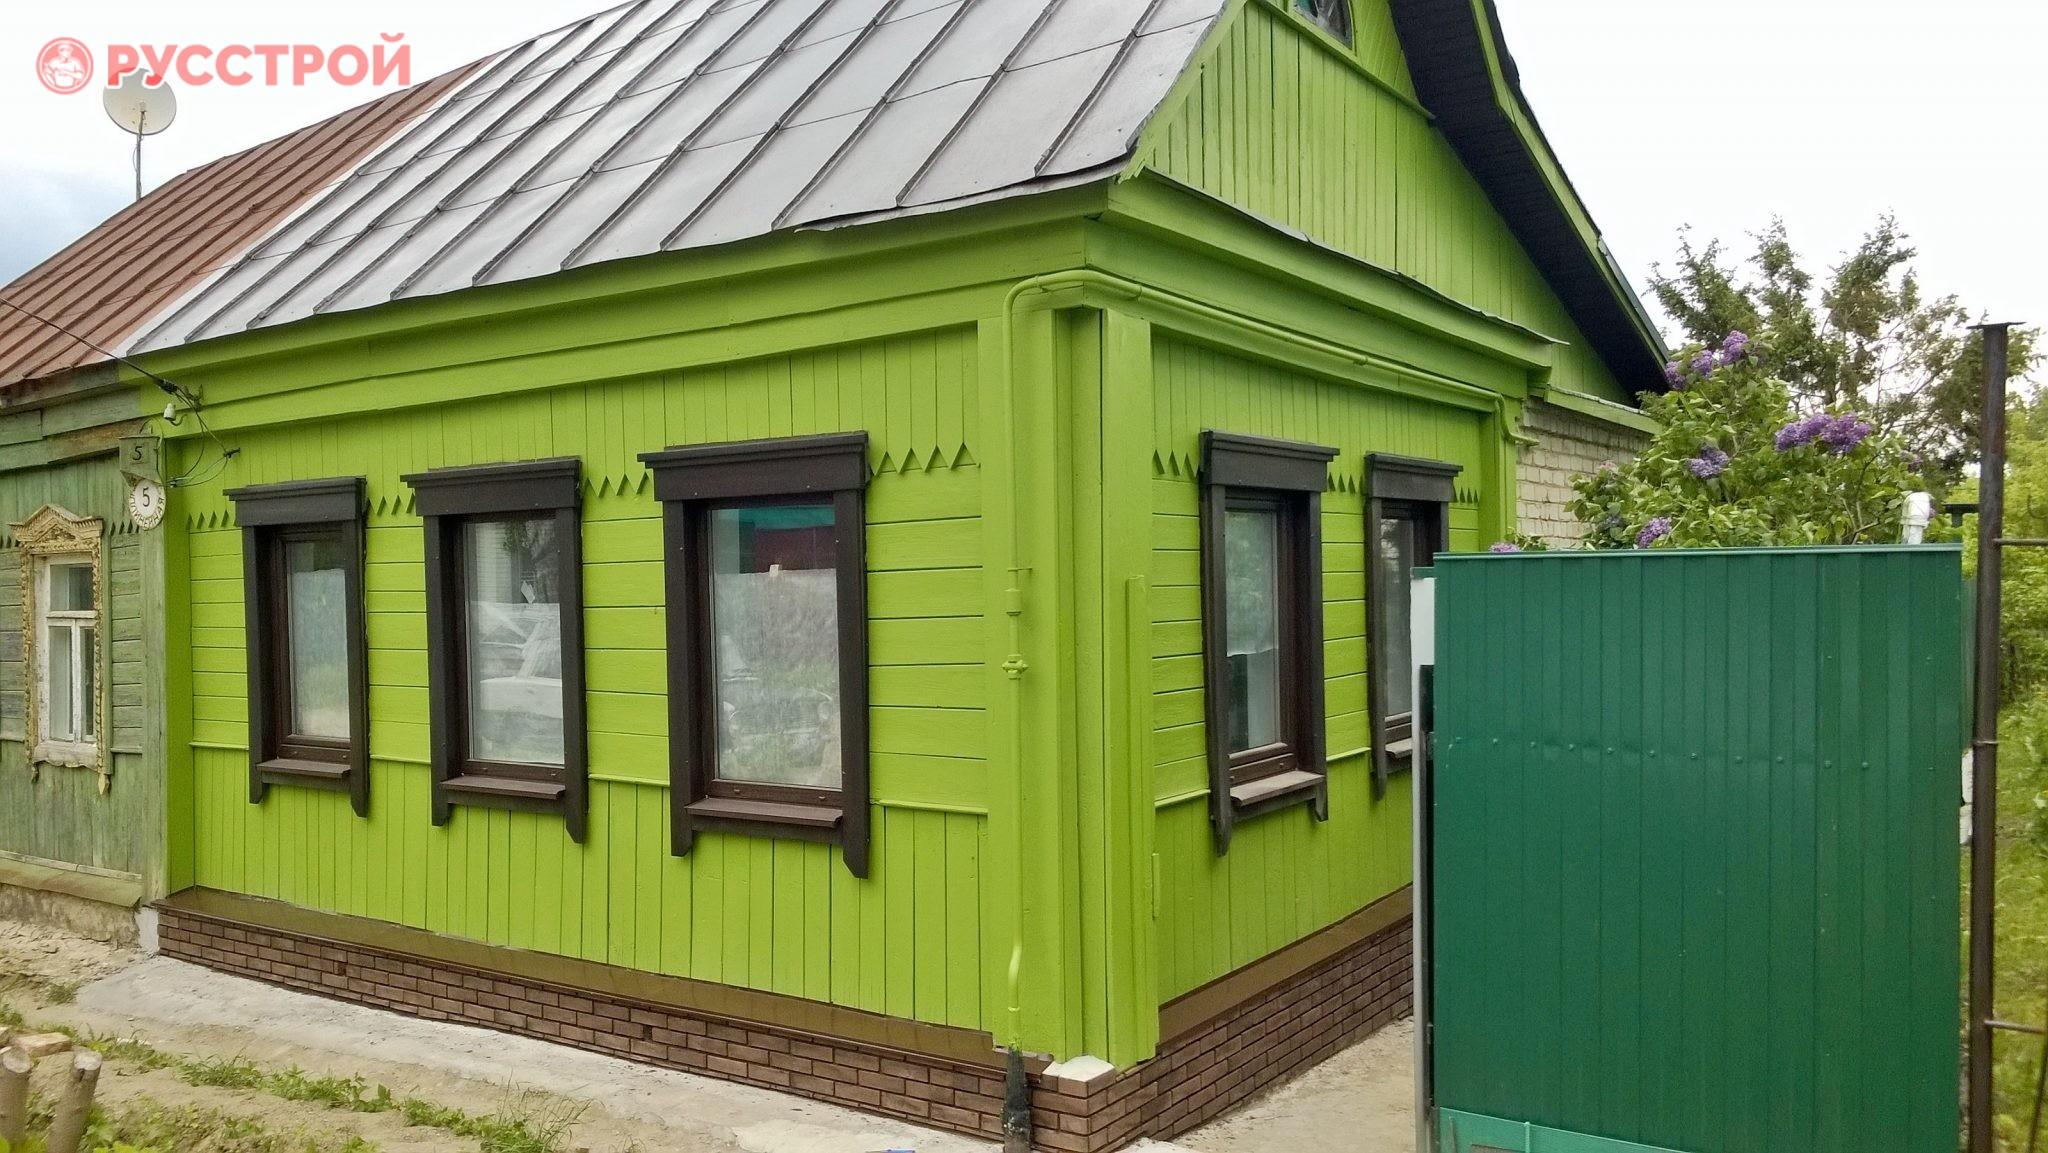 покраска фасада специальной резиновой краской